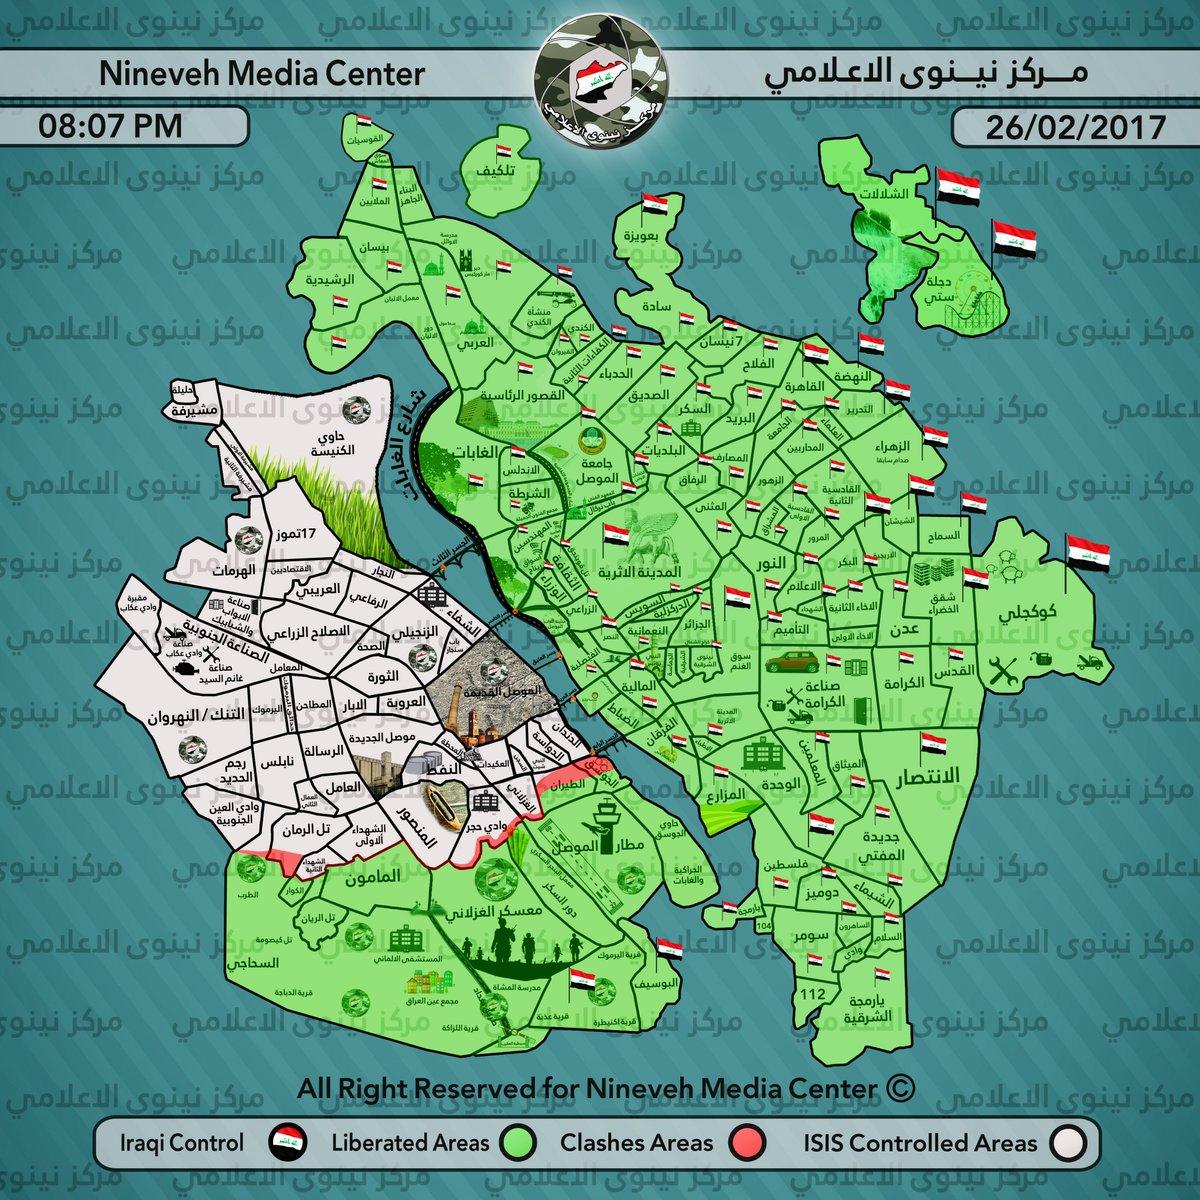 معركة الموصل - صفحة 4 C5m4PXBWAAA09pl